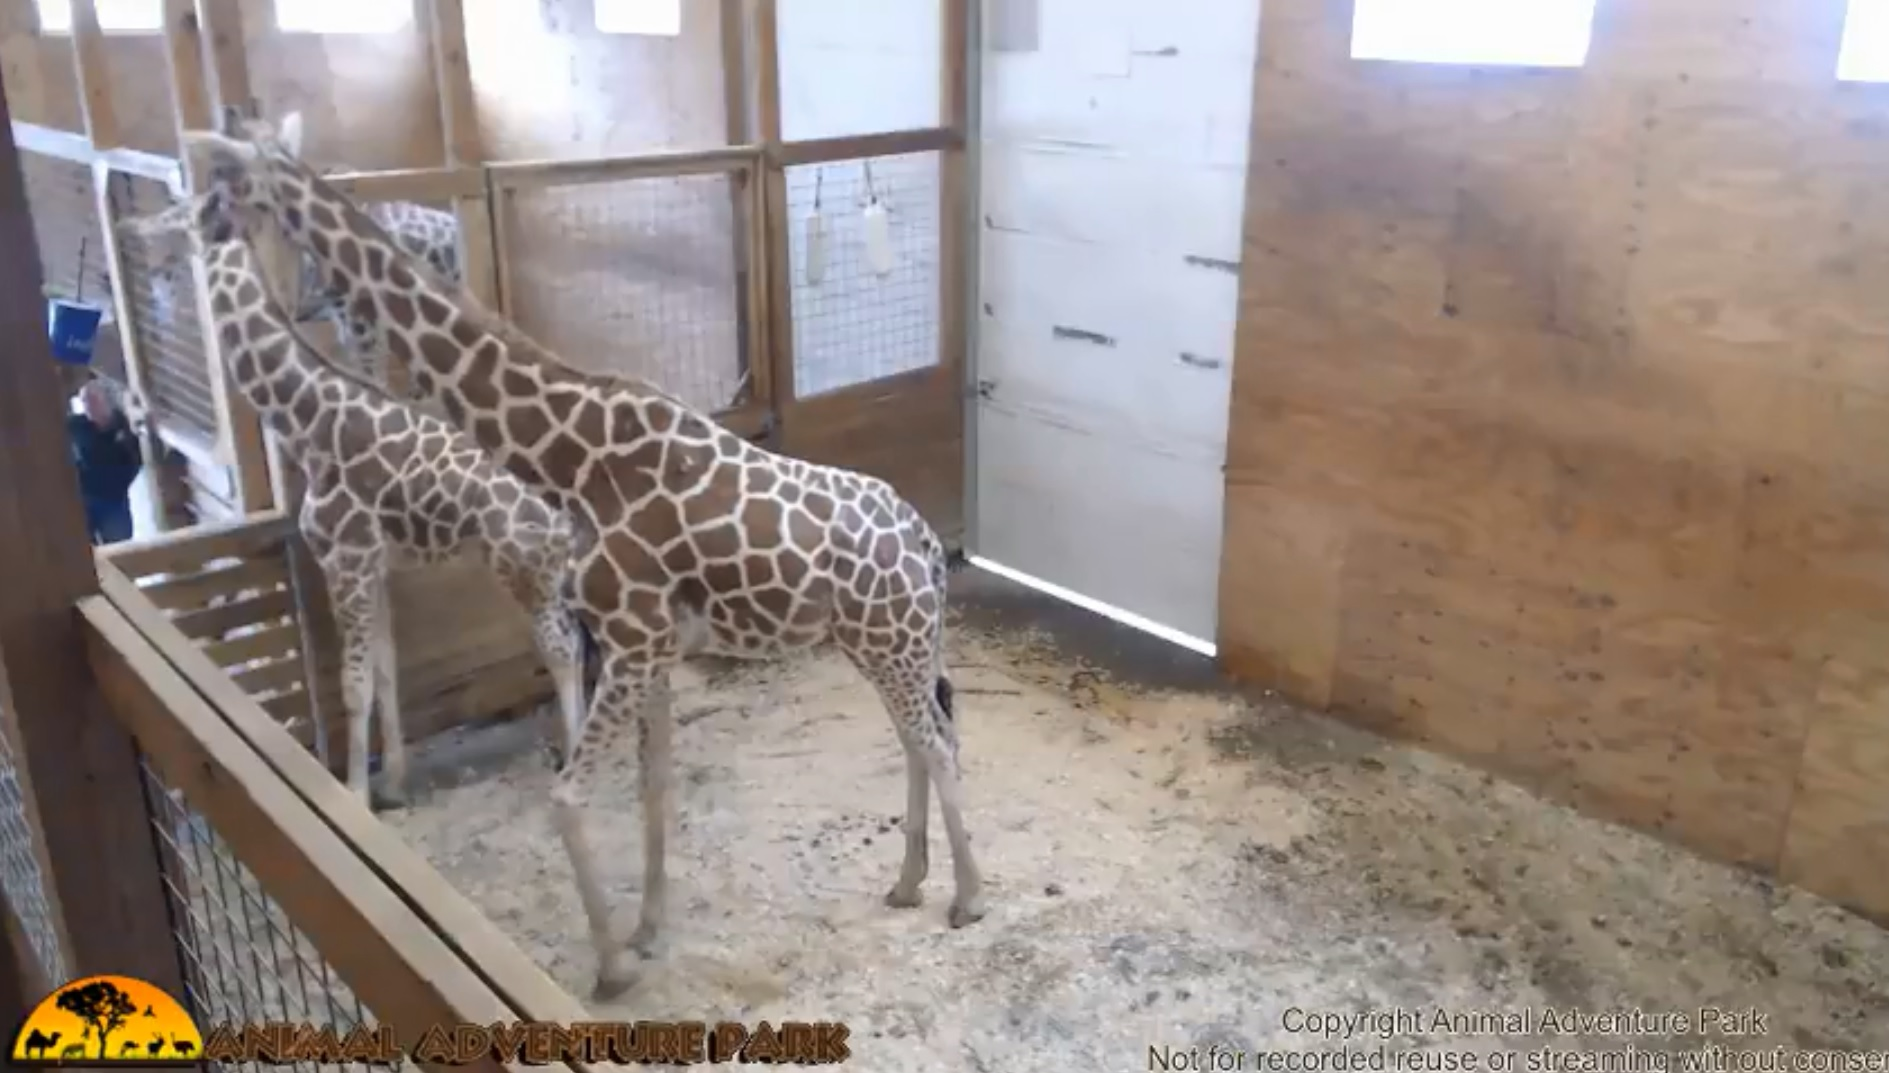 Giraffe_1532522300029.jpg